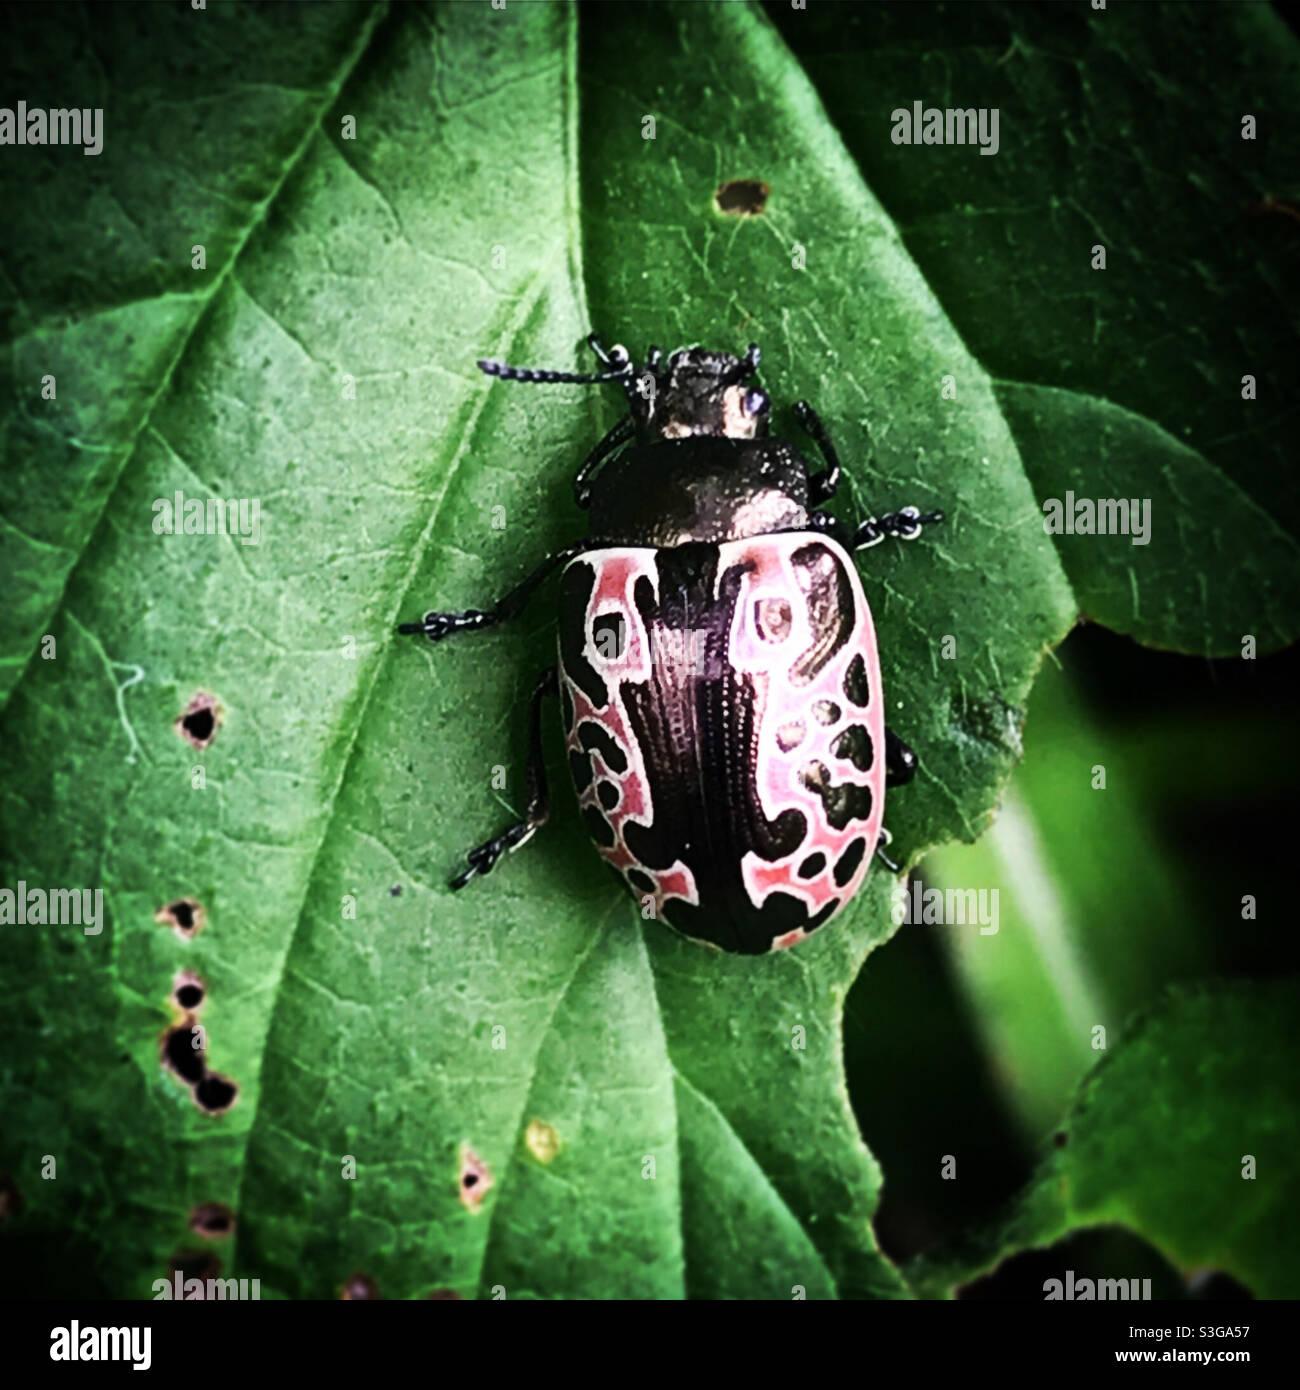 Ein rosa Marienkäfer steht auf einem grünen Blatt in einem Wald in Mexiko Stockfoto